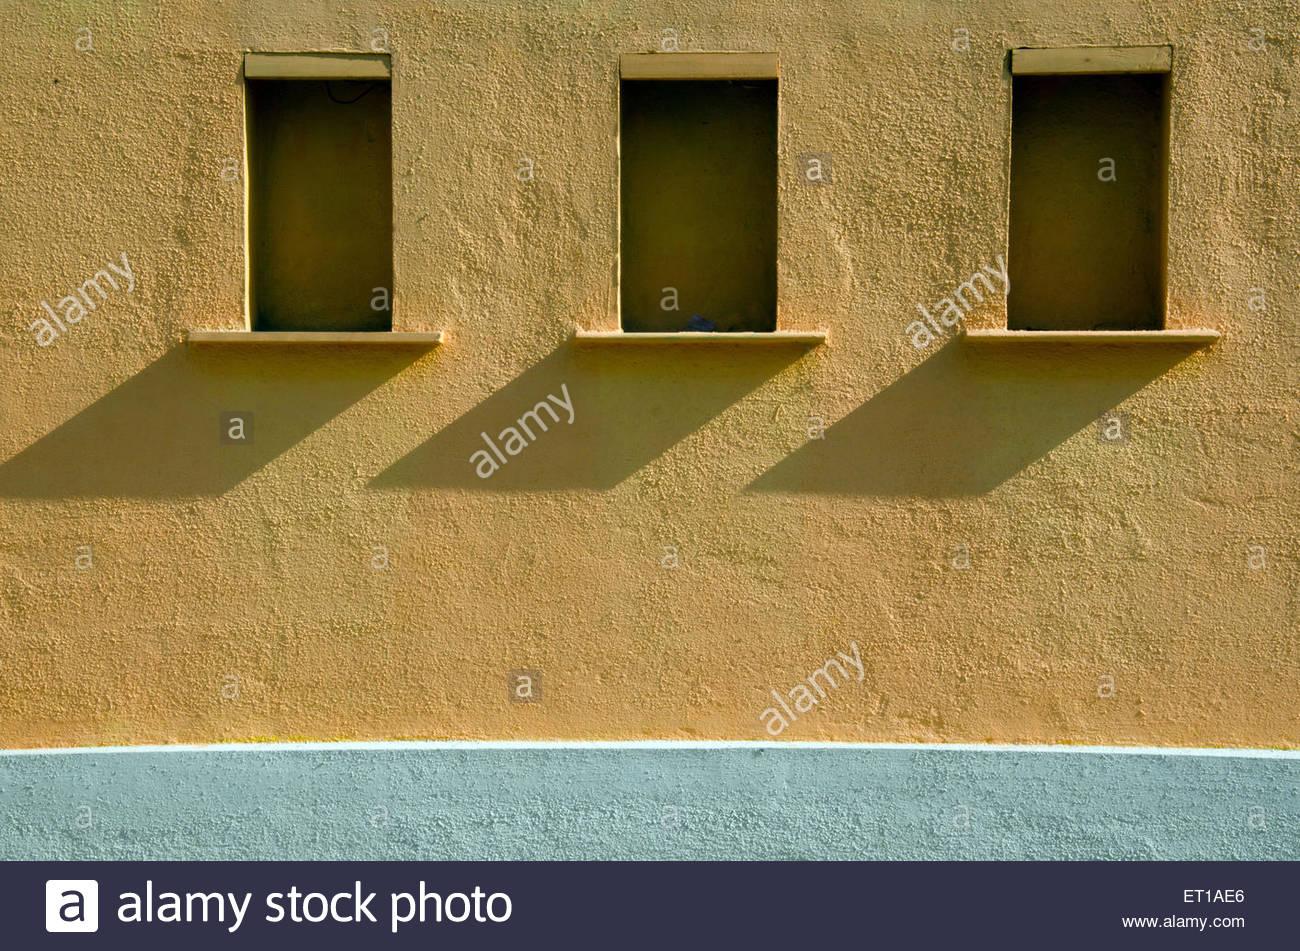 shelves on wall Pune Maharashtra India Asia - Stock Image